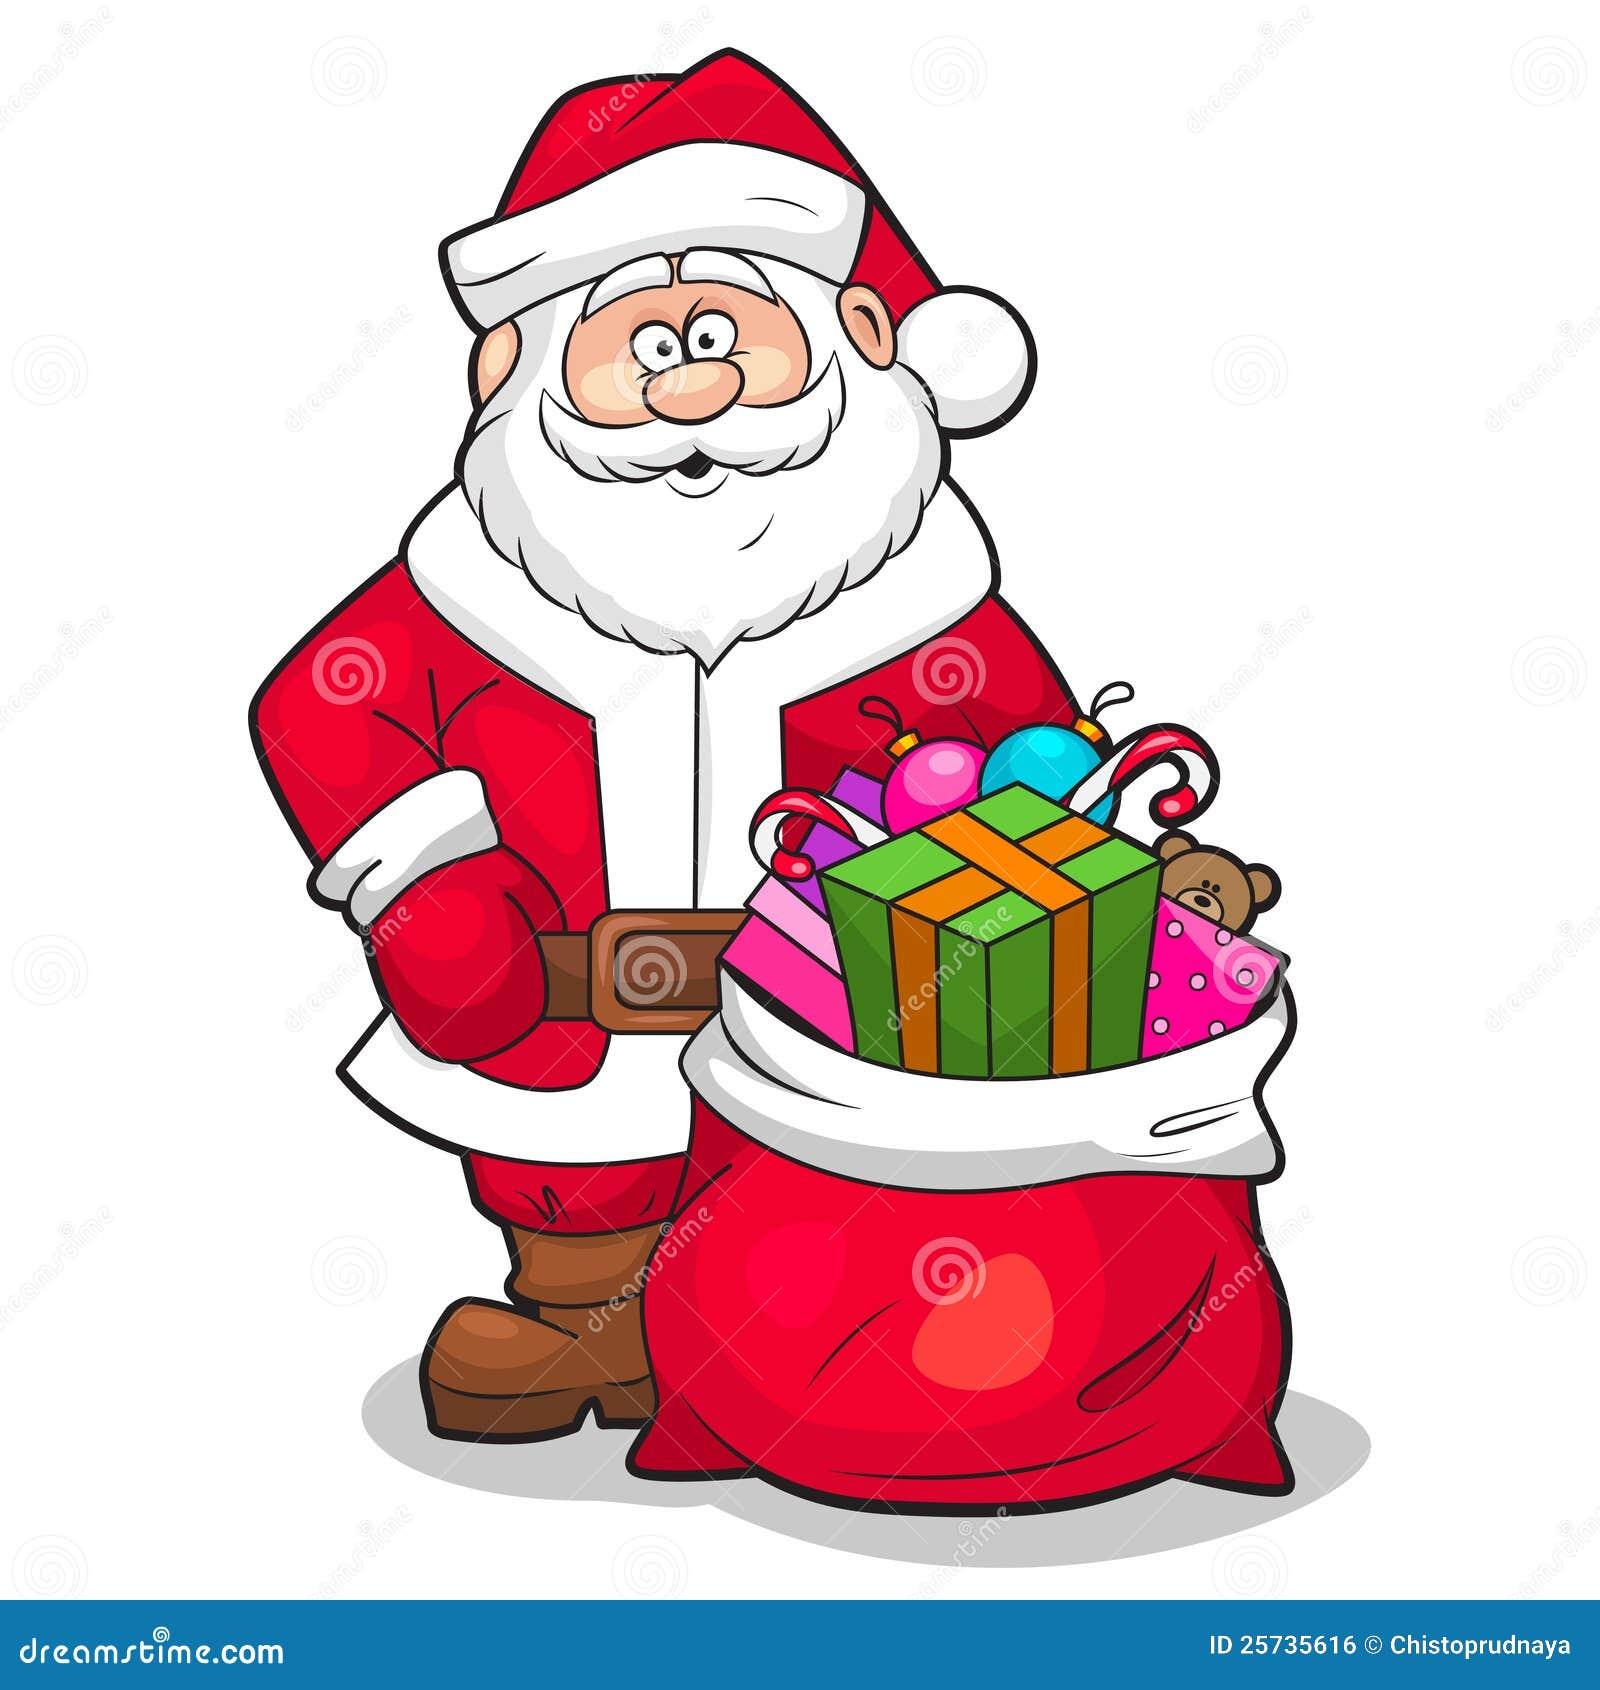 santa claus with gifts - Santa Claus Gifts